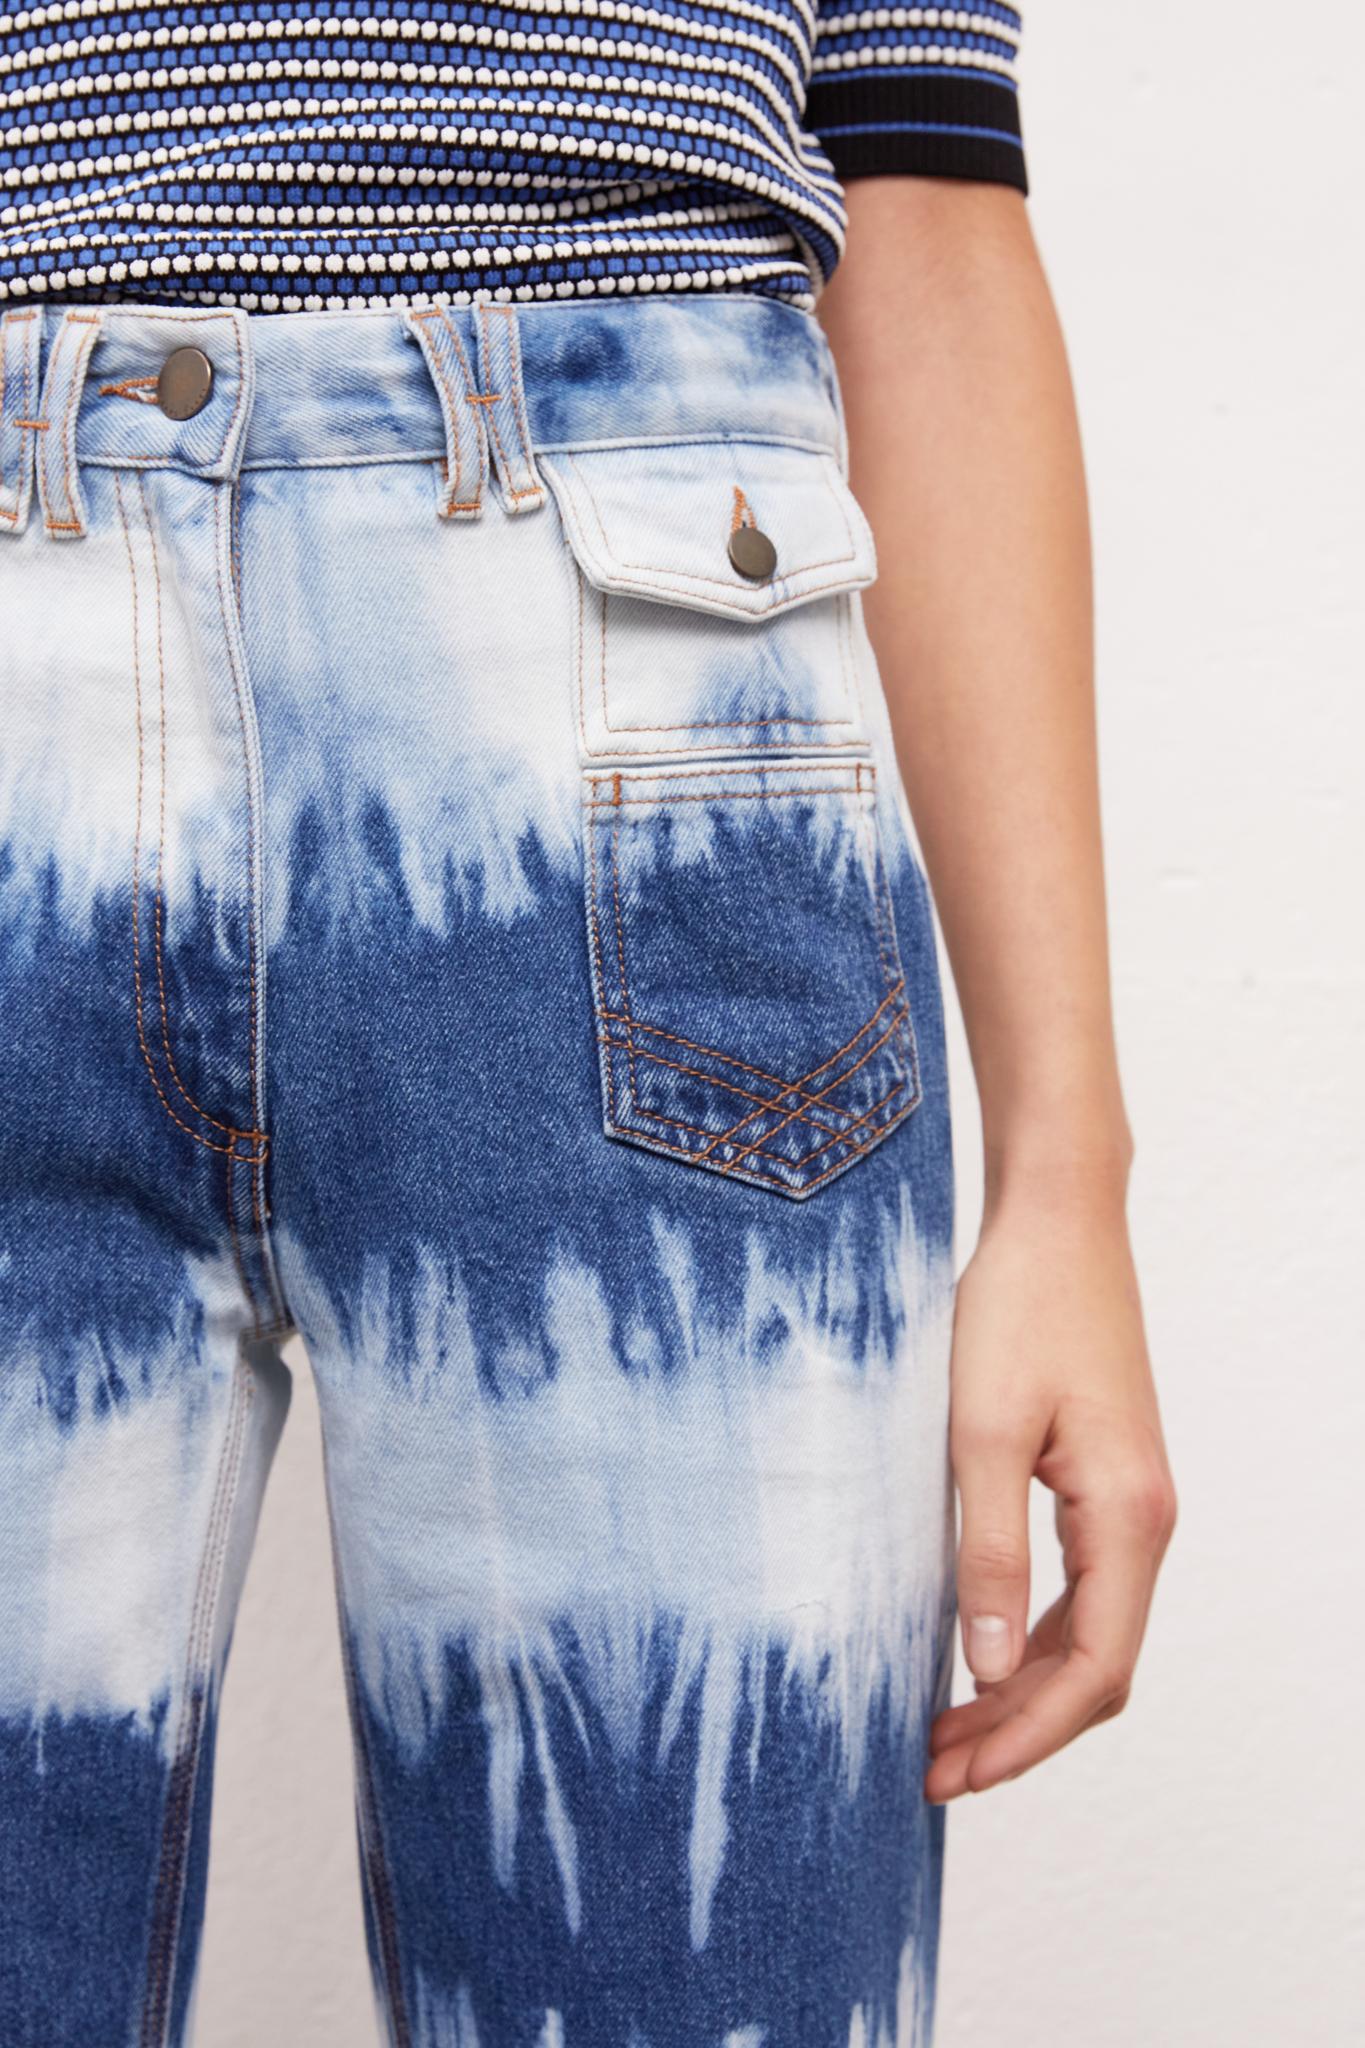 ANNA - Широкие джинсы с принтом тай-дай